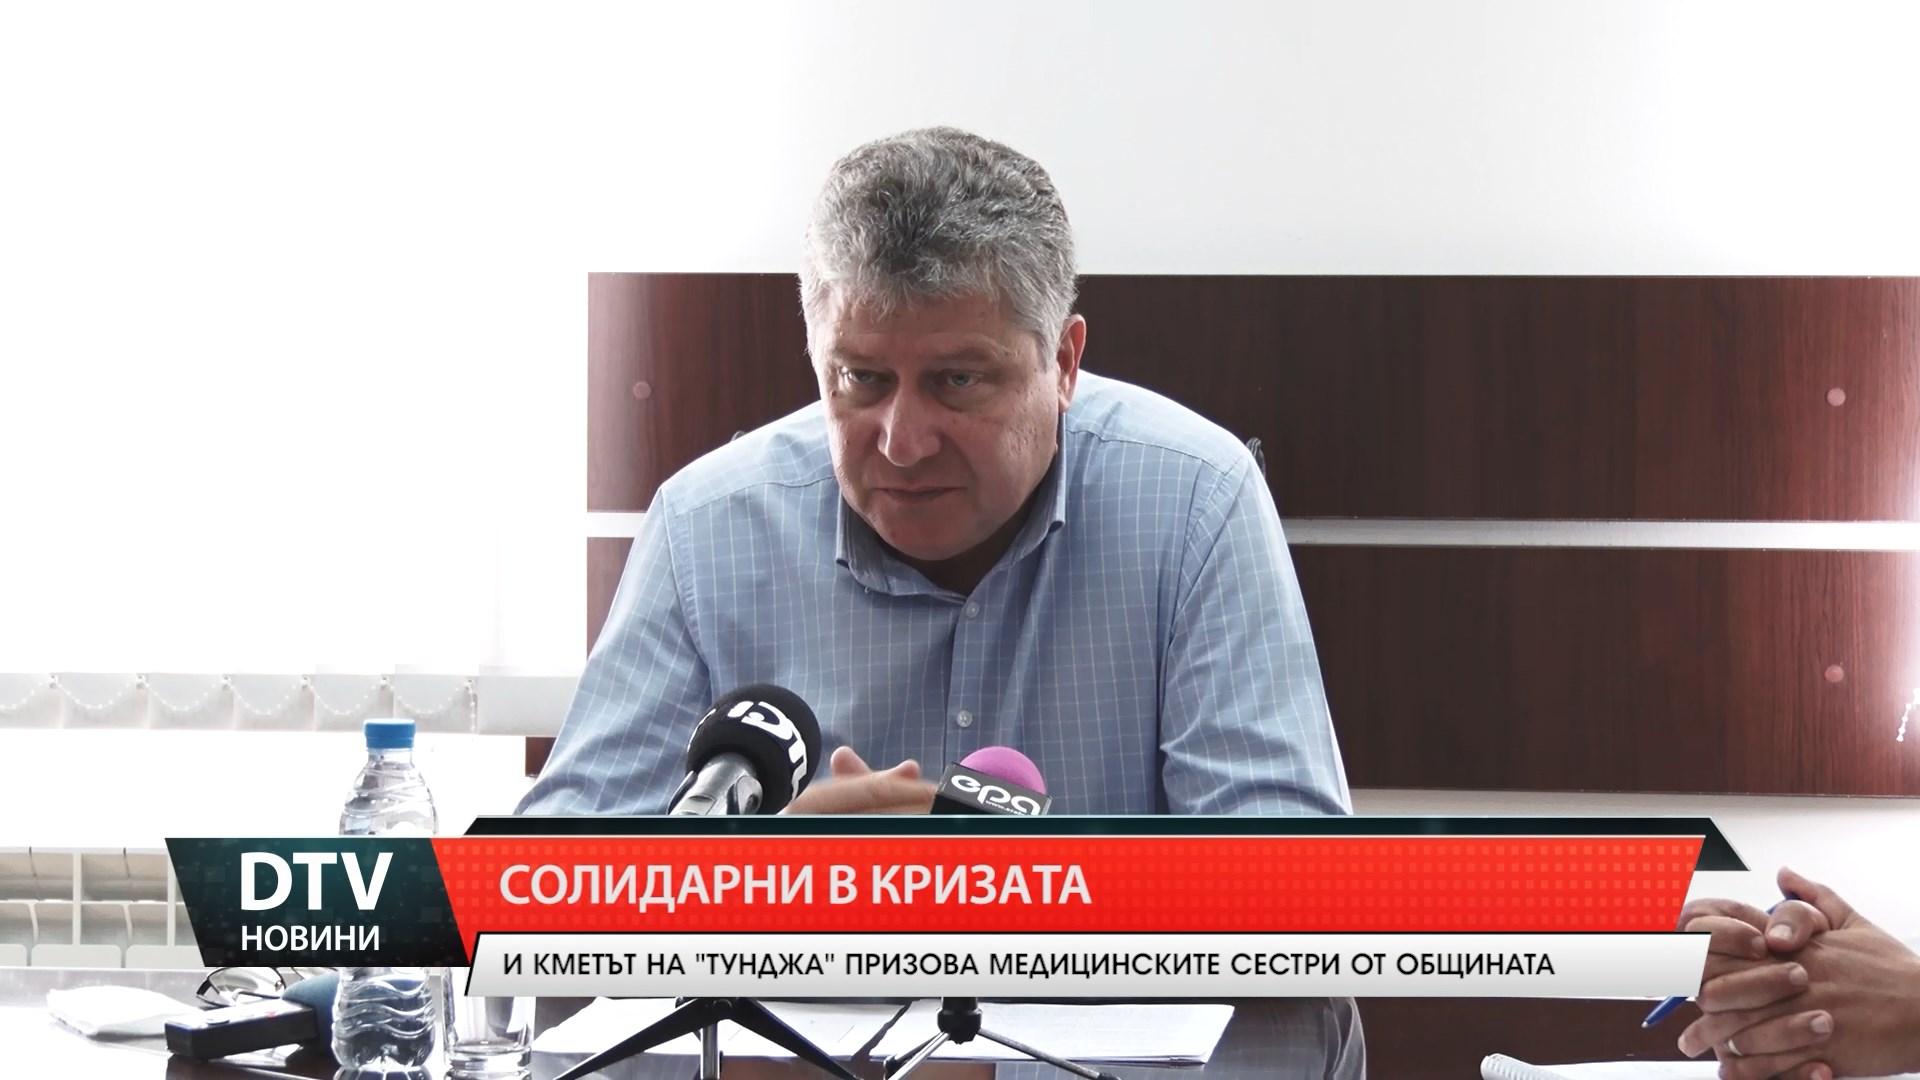 Кметът на община Тунджа призова за солидарност!